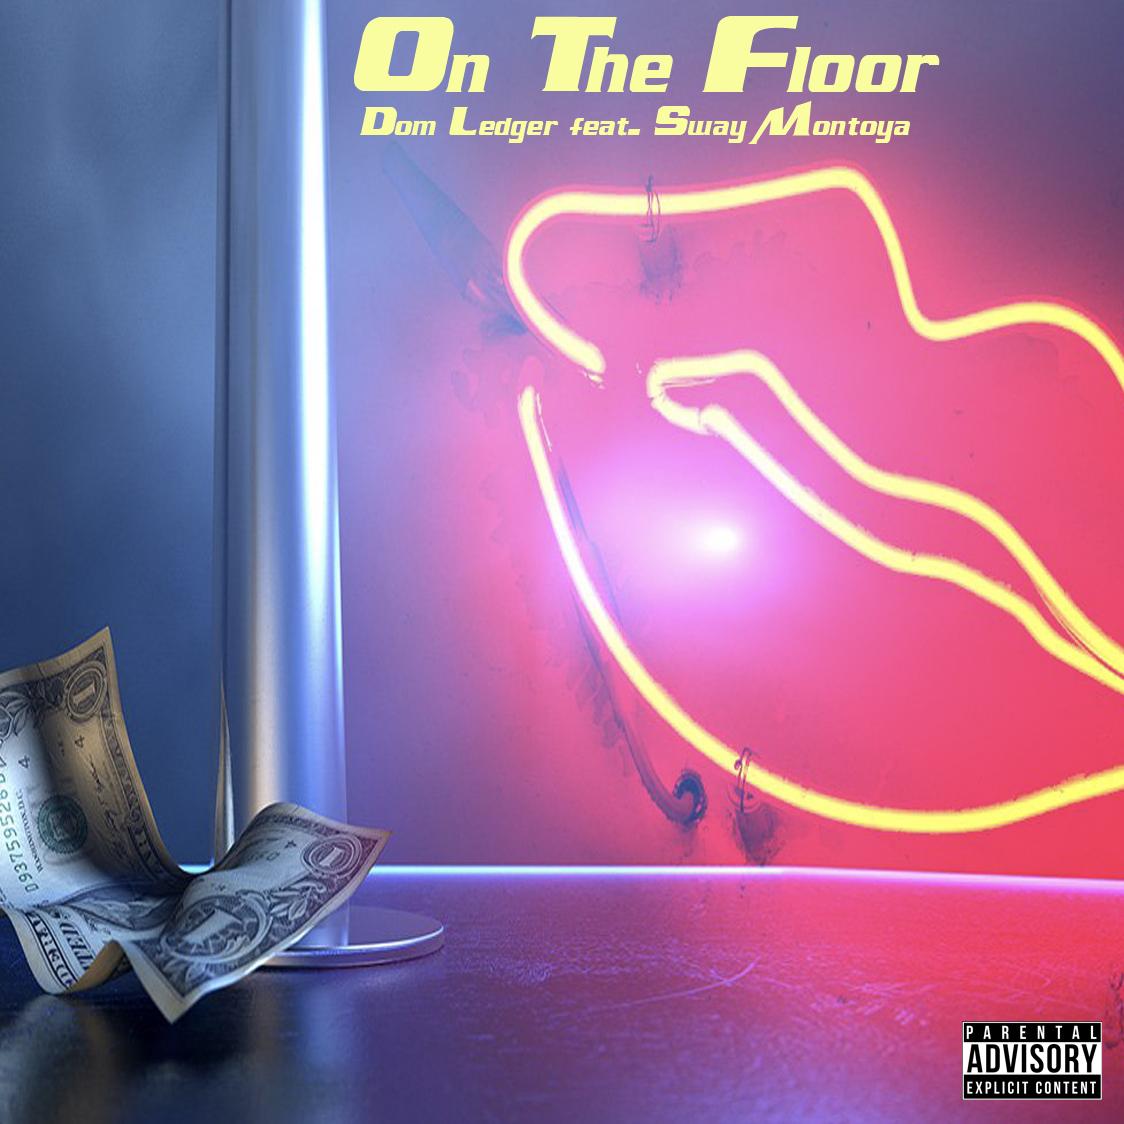 On The Floor Art